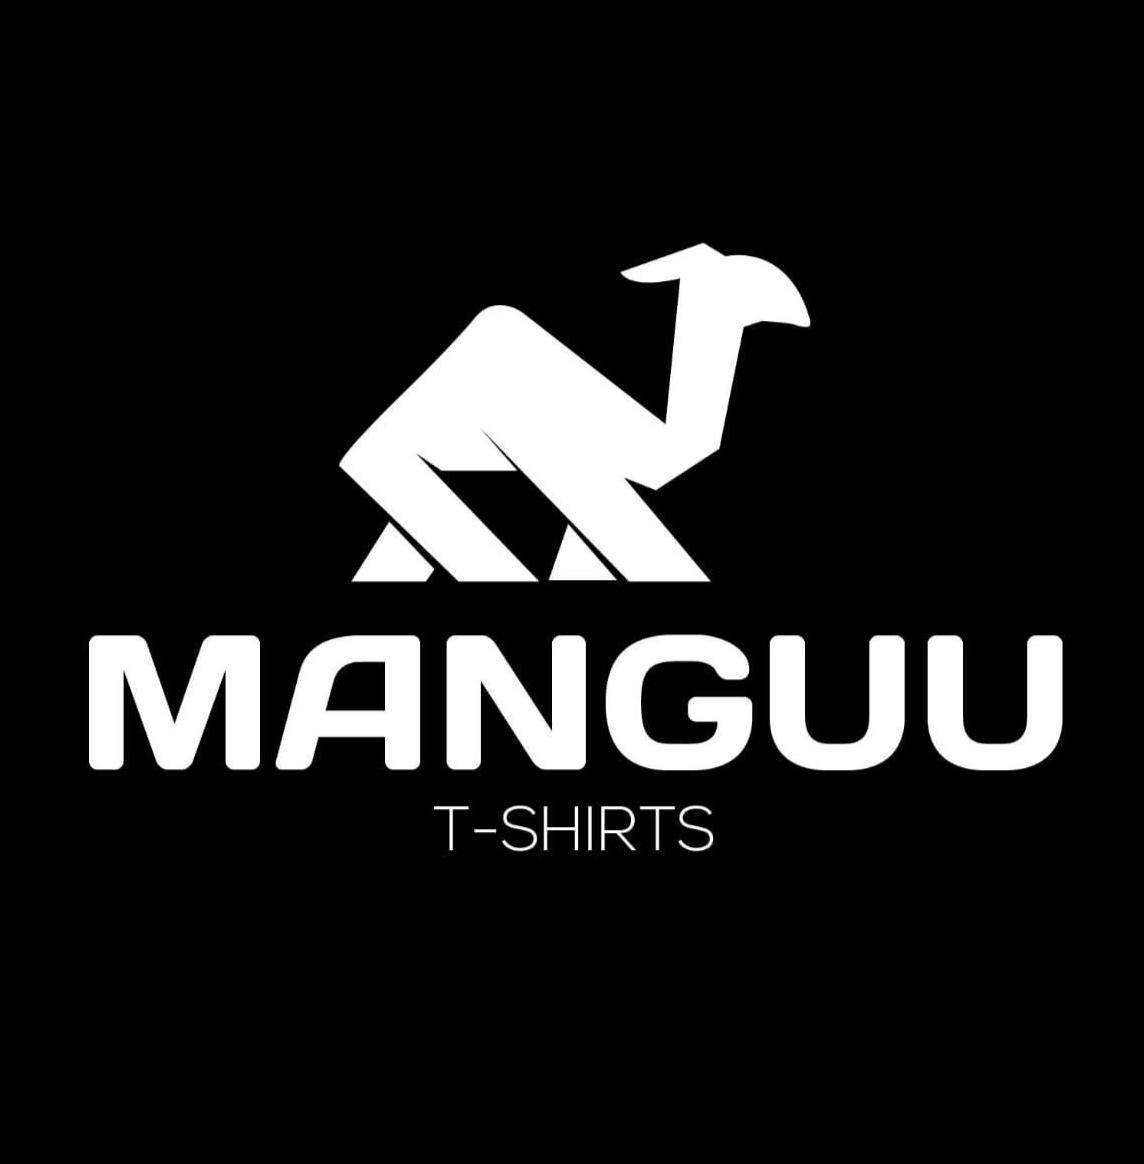 MANGUU T-SHIRTS